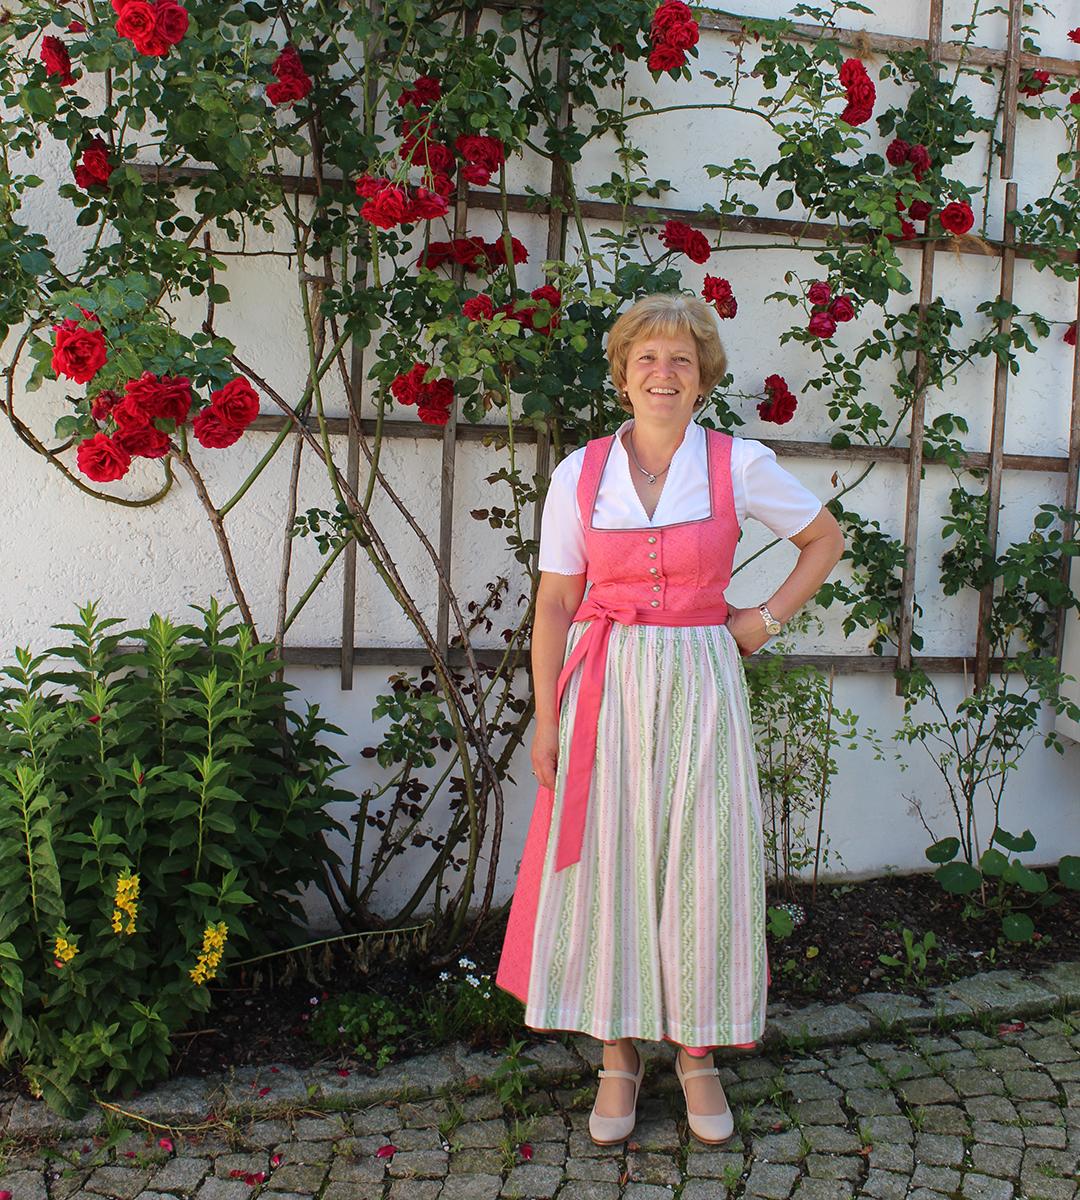 Eva Stumpfegger